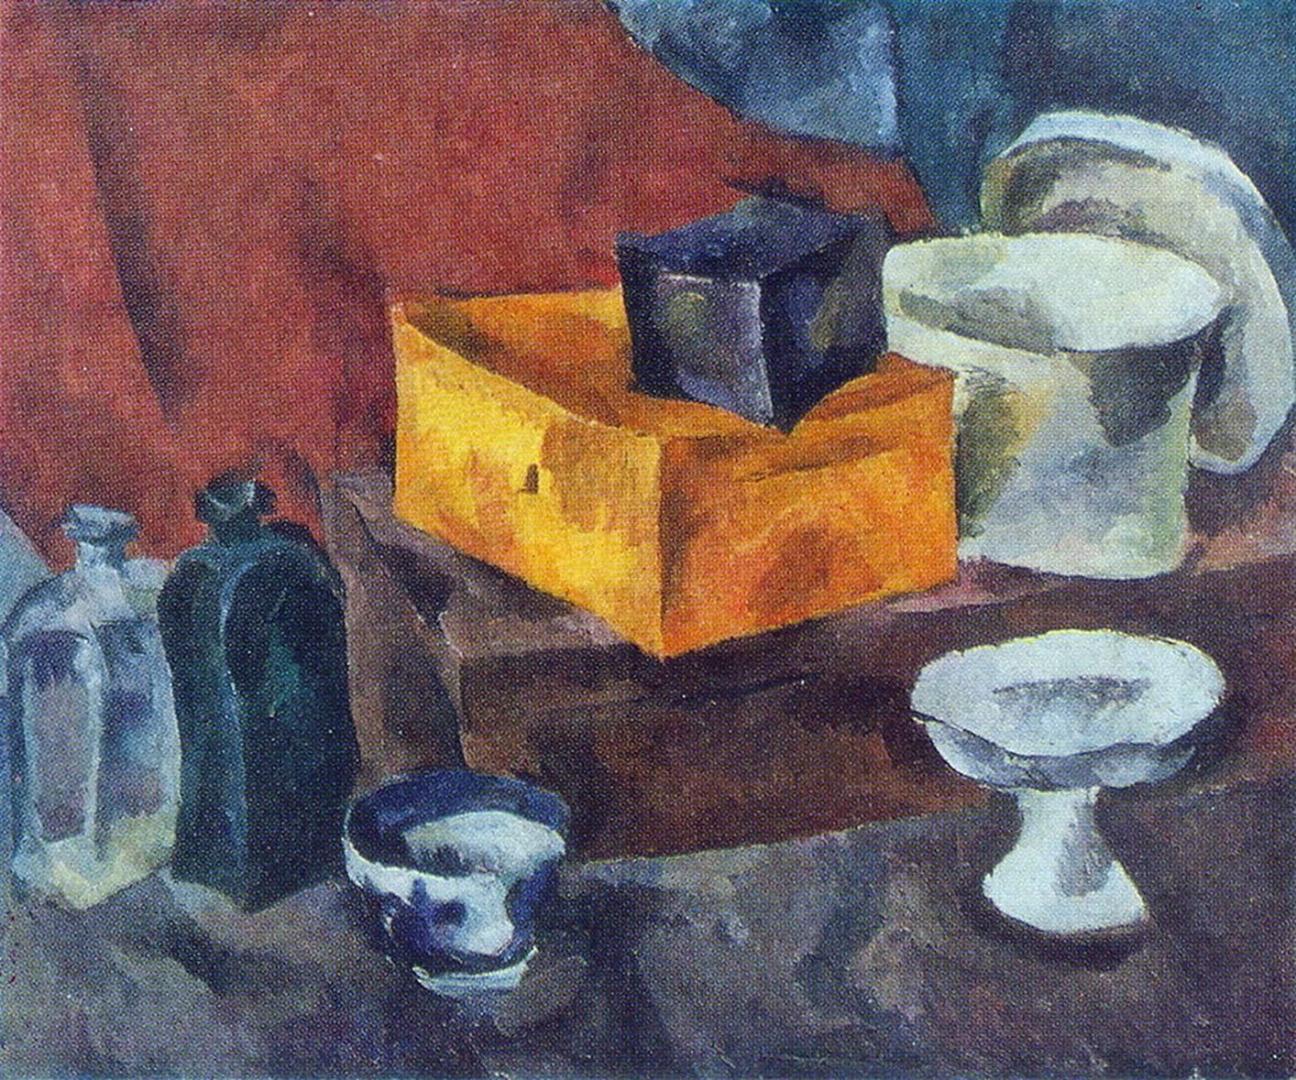 Петр Кончаловский. Натюрморт. 1911